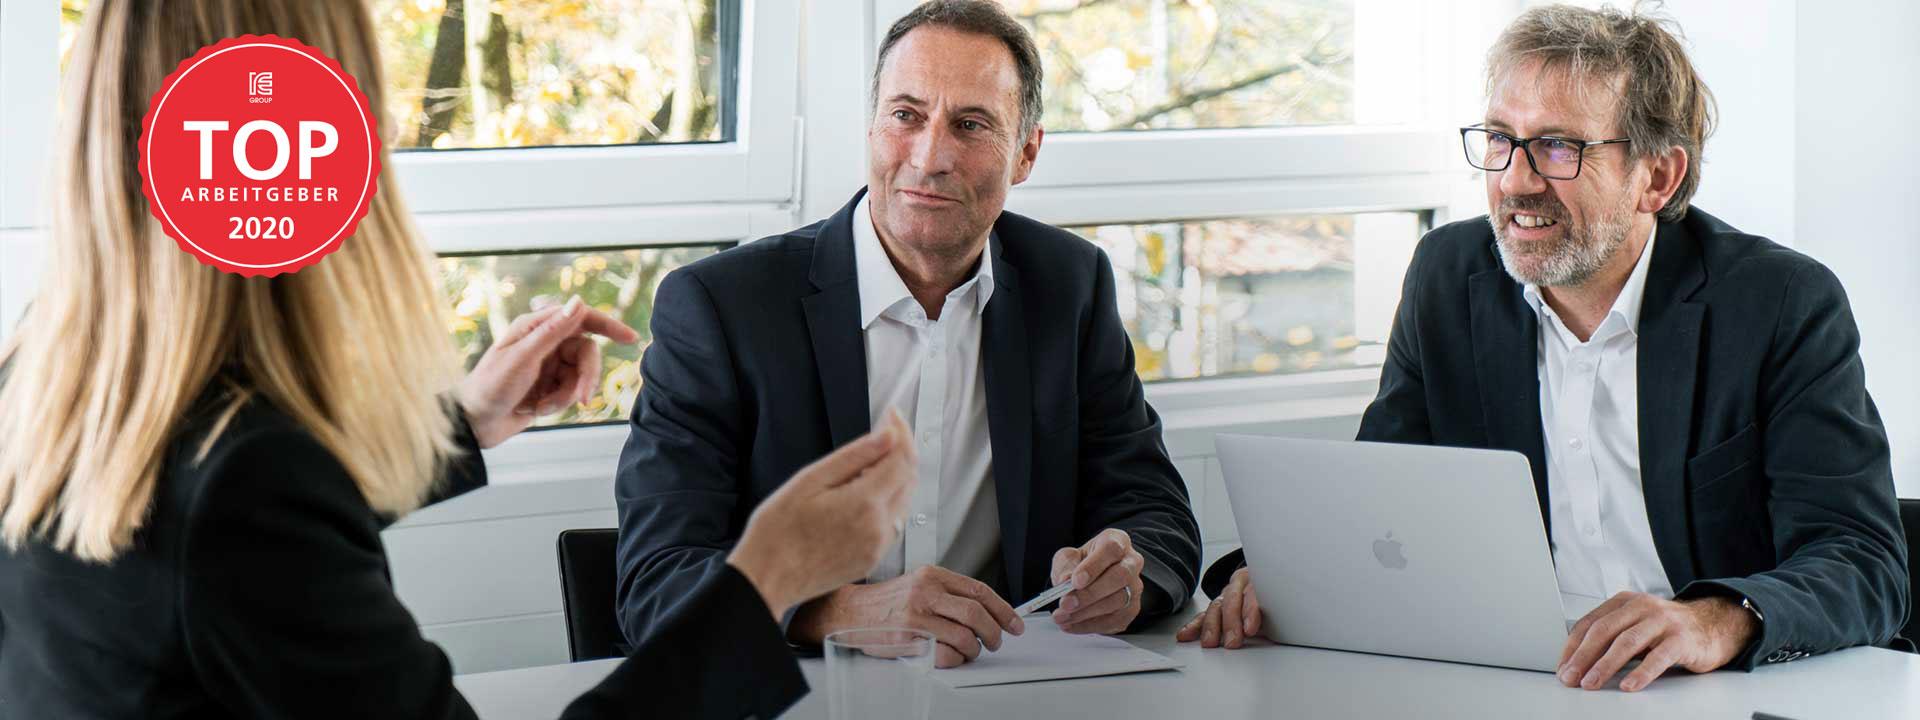 Karriere-Header Top Arbeitgeber